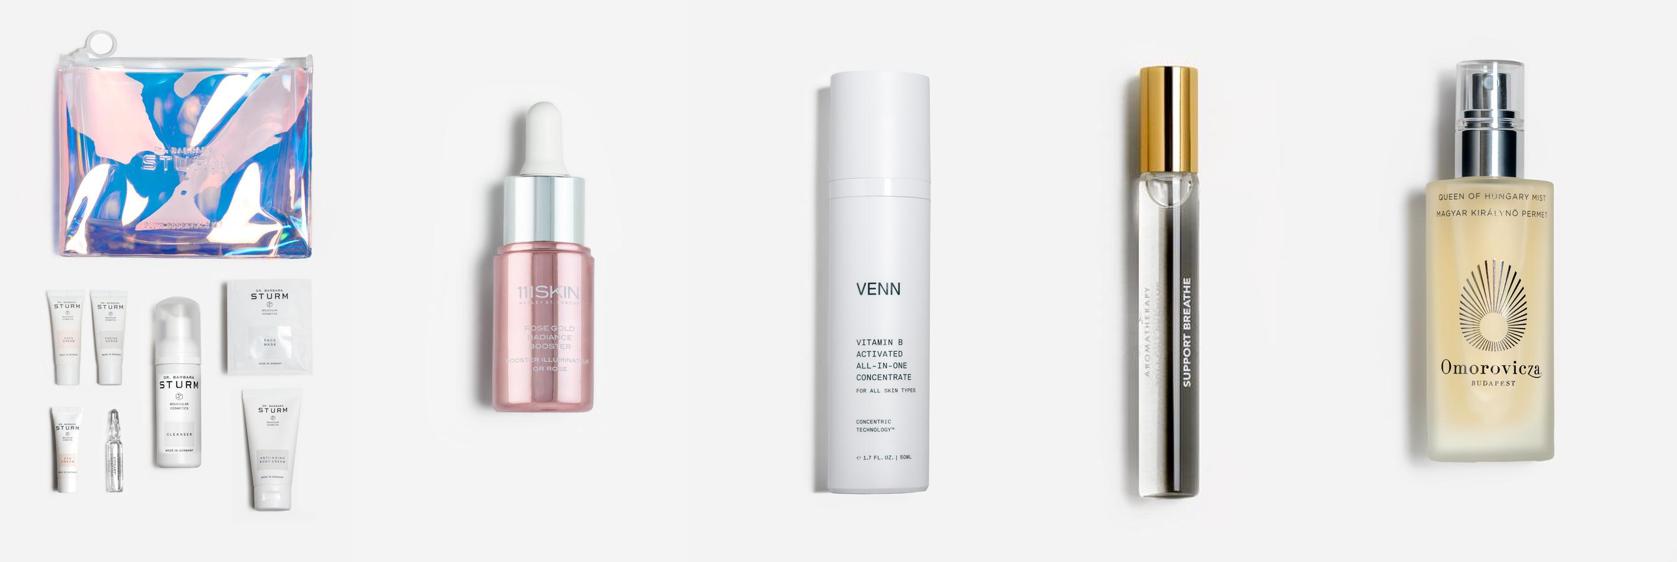 Descubrir los productos de belleza Top de Pure Niche Lab para este verano